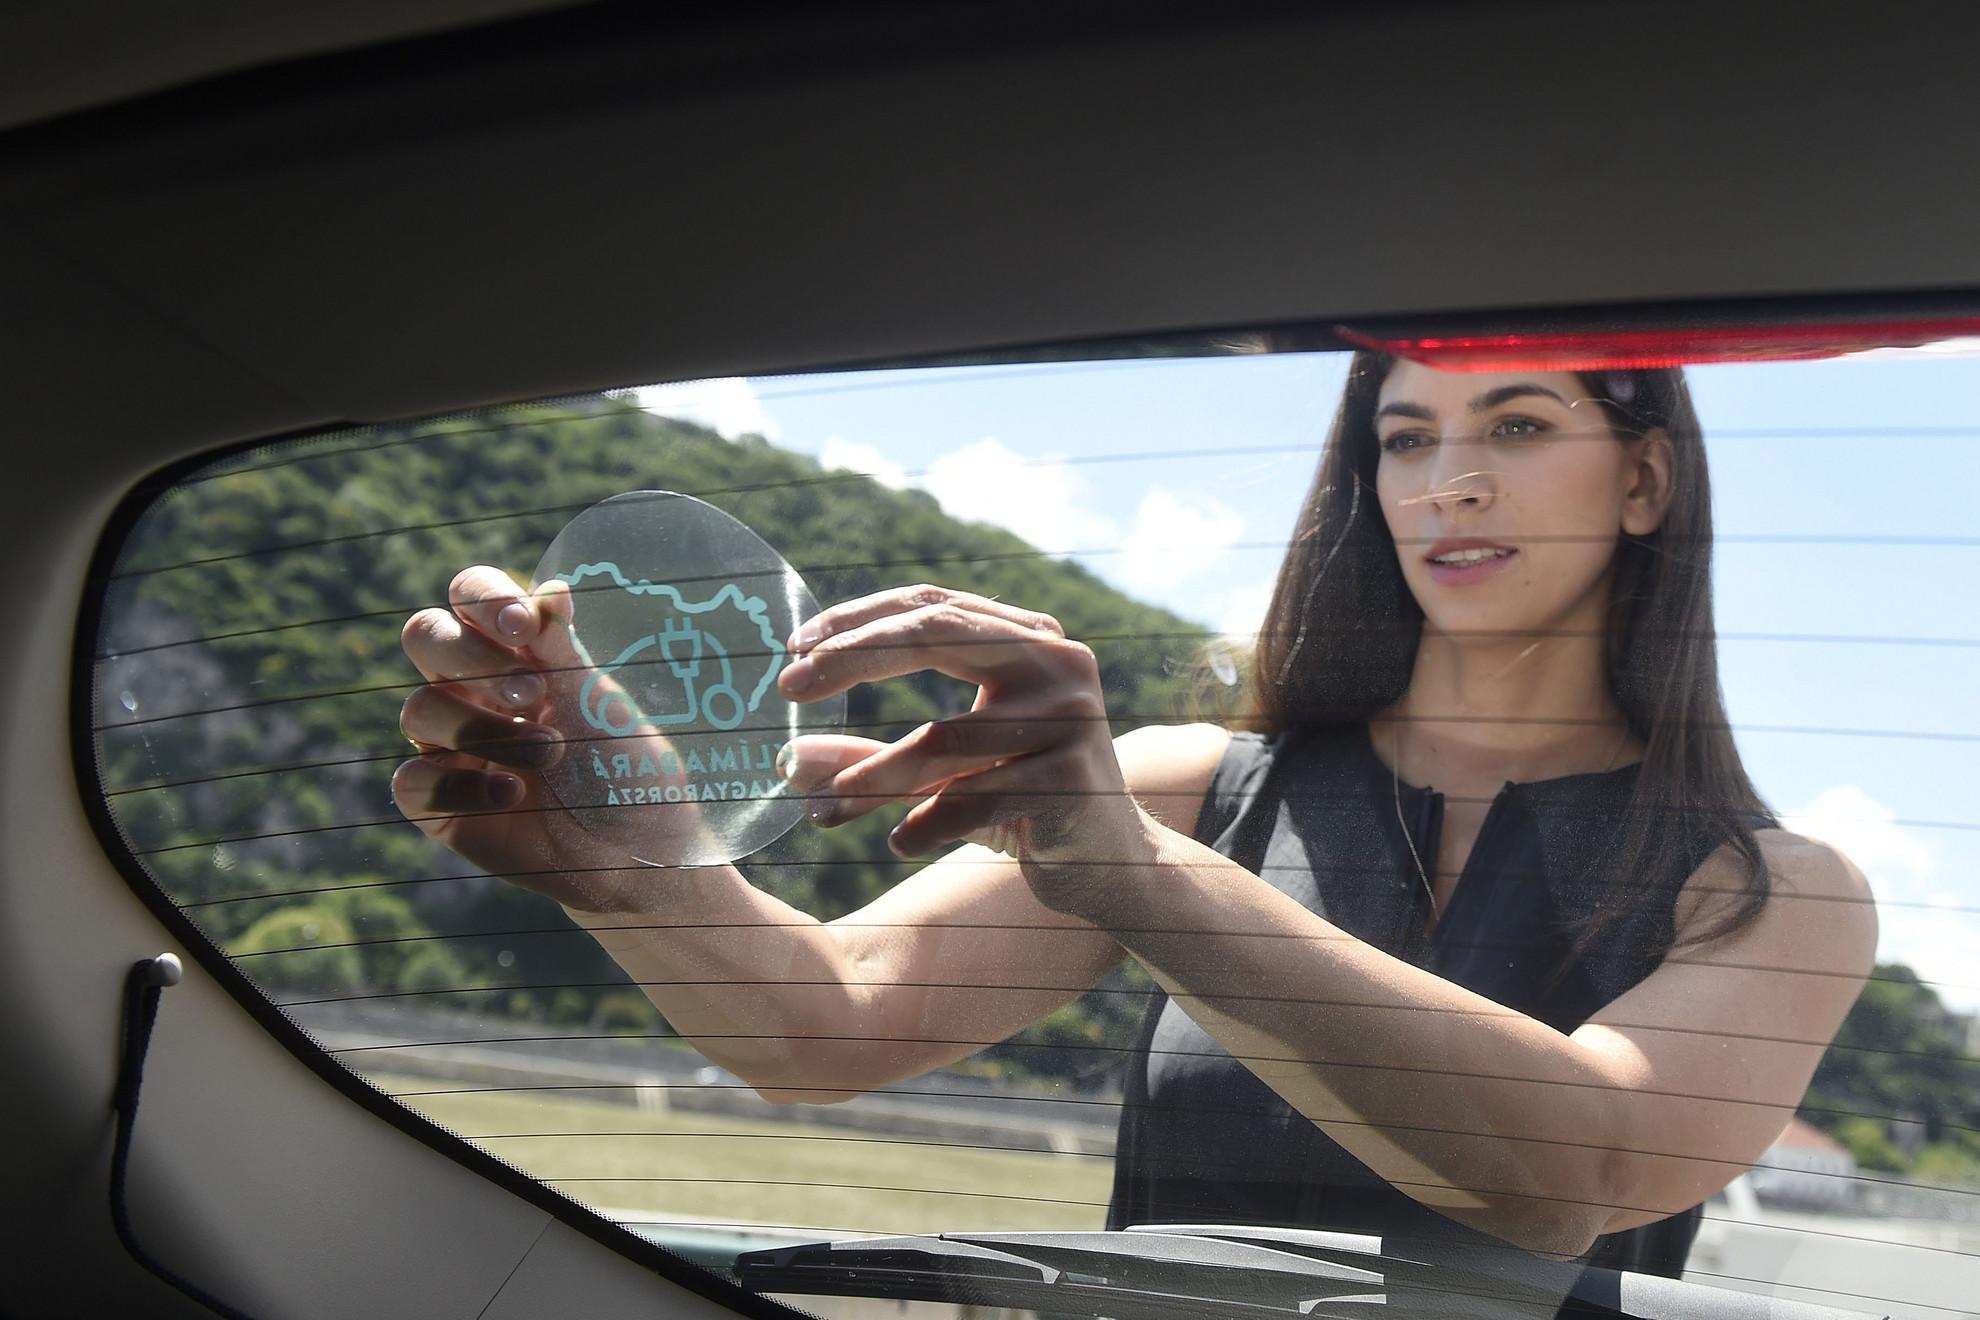 Szentkirályi Alexandra kormányszóvivő felragasztja egy autóra a kormány elektromobilitási támogatásával vásárolt járművekre felhelyezendő matricát az e-járművek vásárlását támogató pályázatról tartott sajtótájékoztatón a budapesti Belgrád rakparton 2020. július 6-án